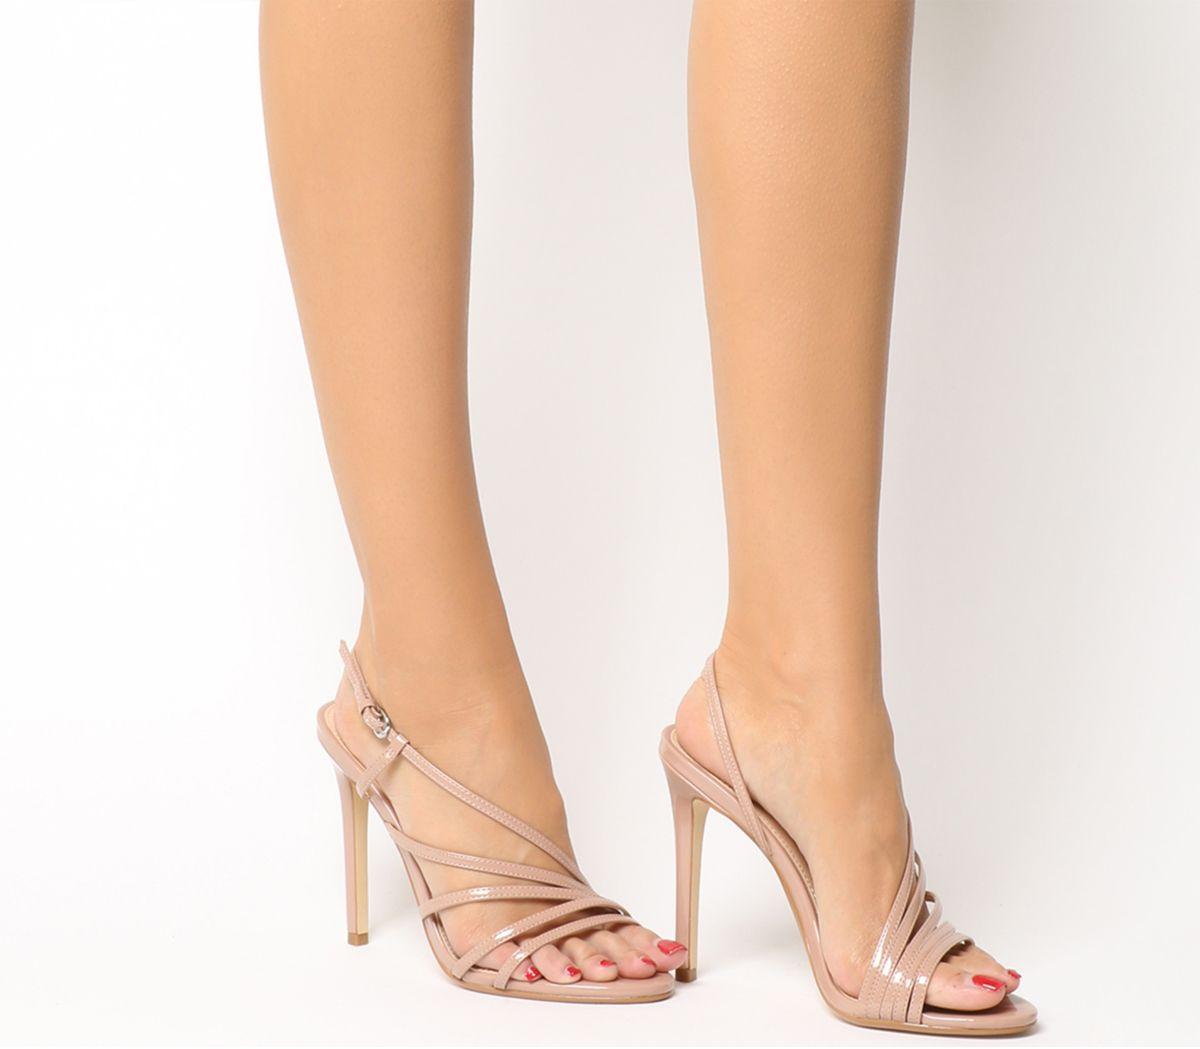 690795a0f5 Office Hamsa Strappy Heels Nude - High Heels